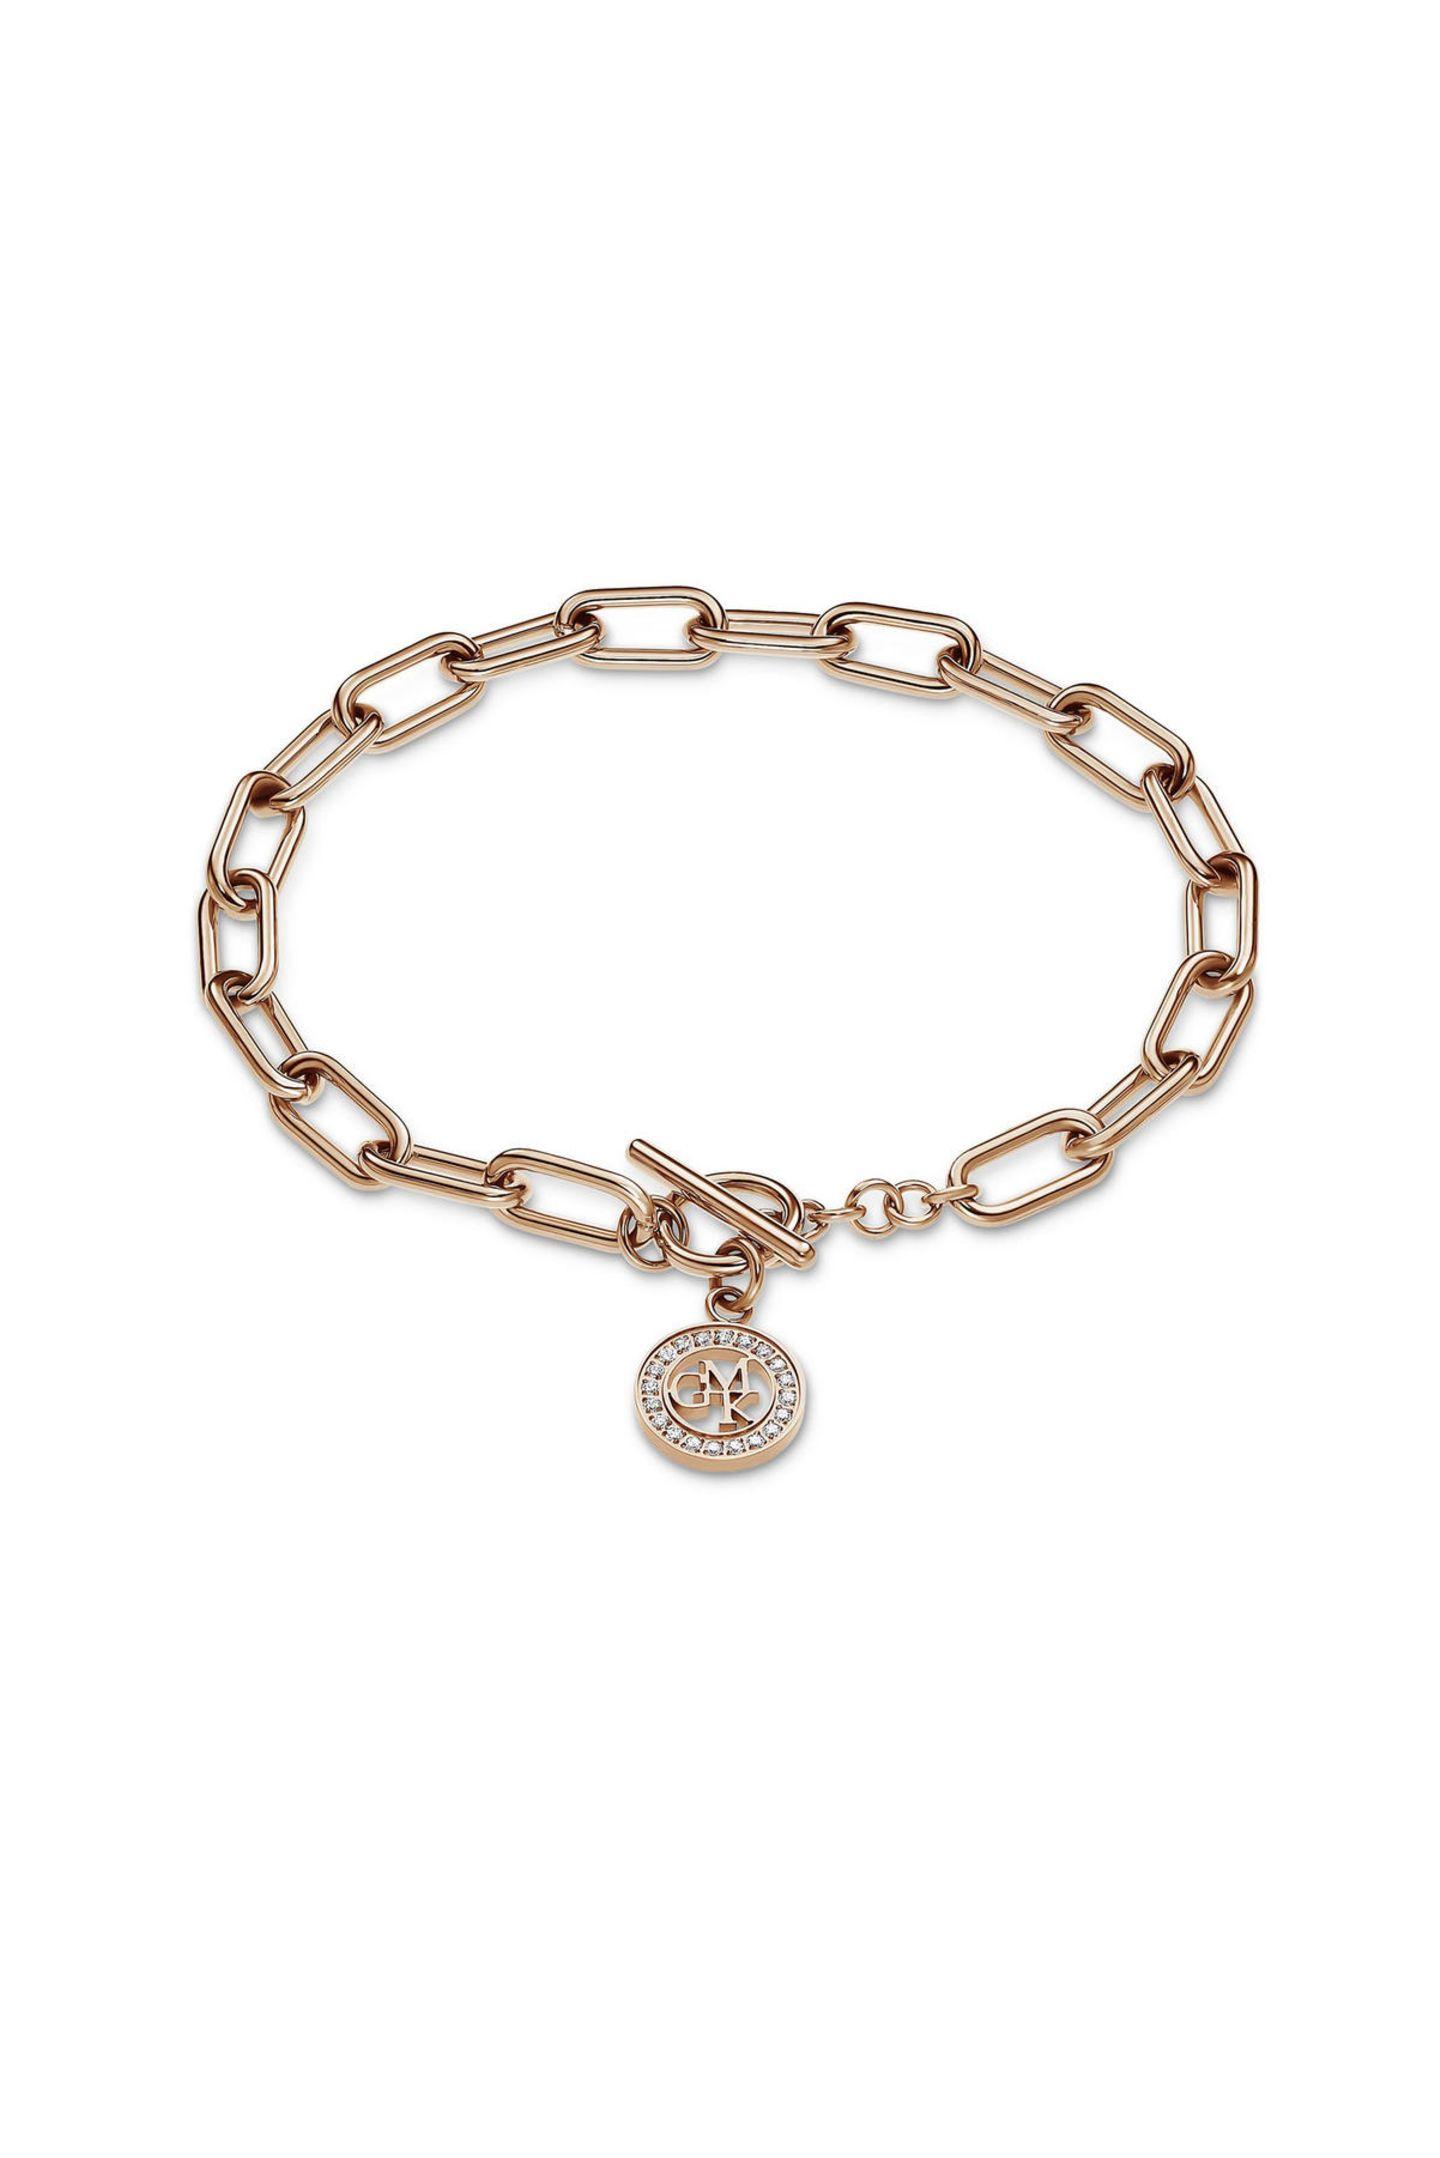 Zeitlos elegant ist diese Armkette von Christ aus der Guido Maria Kretschmer Kollektion und damit ein tolles Geschenk für Schmuckliebhaber. Das Armband in Roségold wird mit einem strassverziertenAnhänger veredelt, kostet ca. 40 Euro.